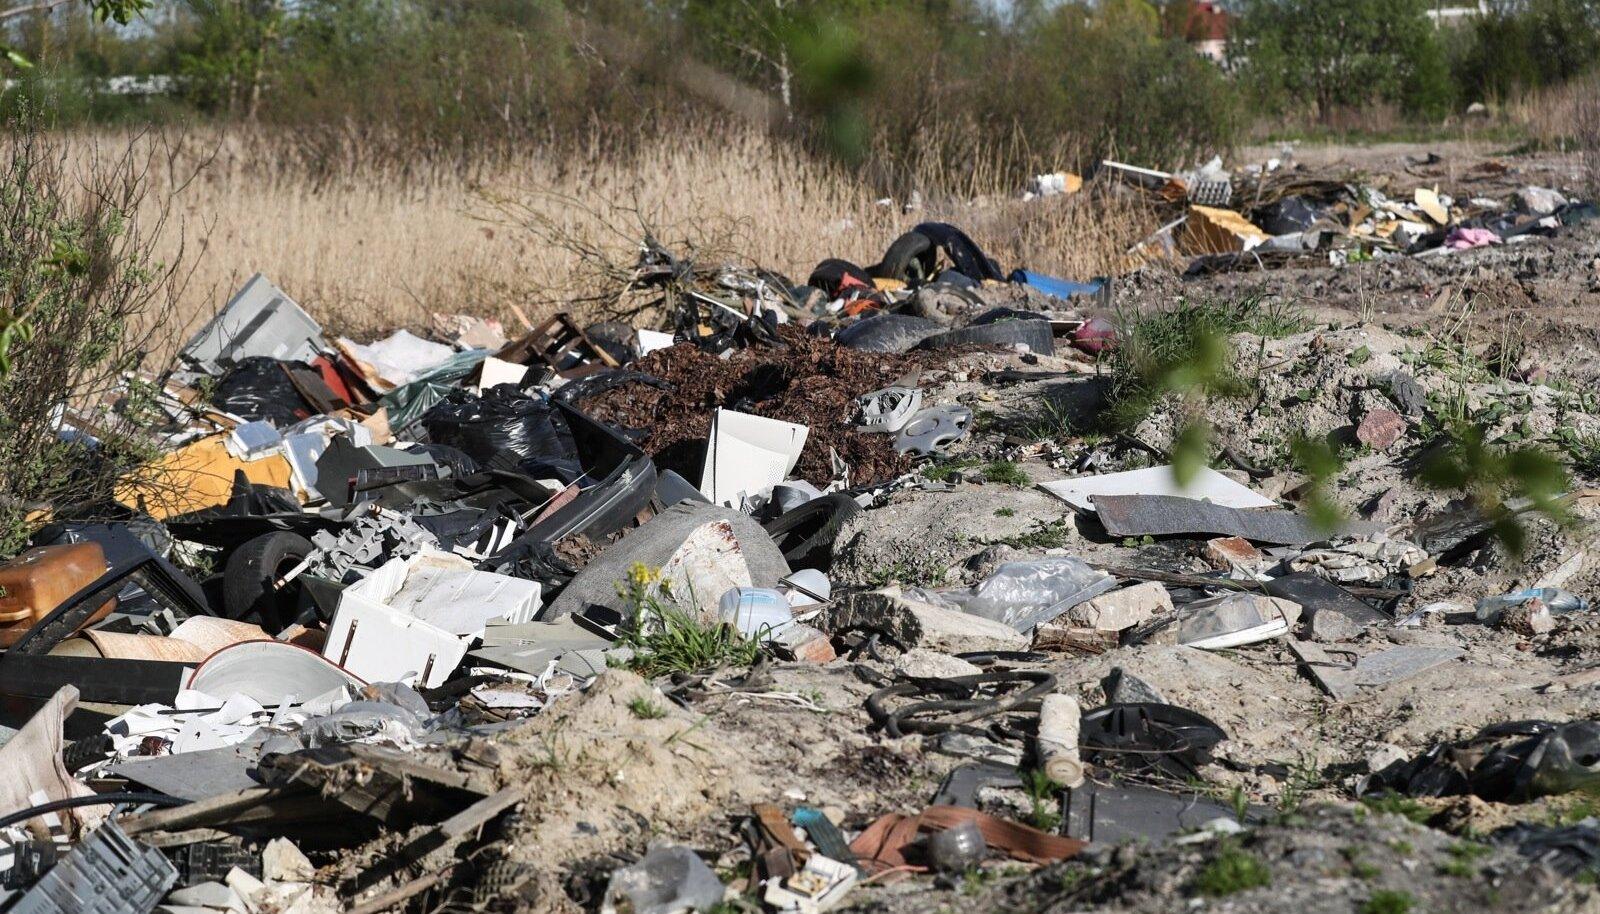 Keskkonnahoiuks ei piisa üksnes prügi sorteerimisest ja selle maha viskamata jätmisest, vaid eelkõige tuleb vähendada tarbimist.